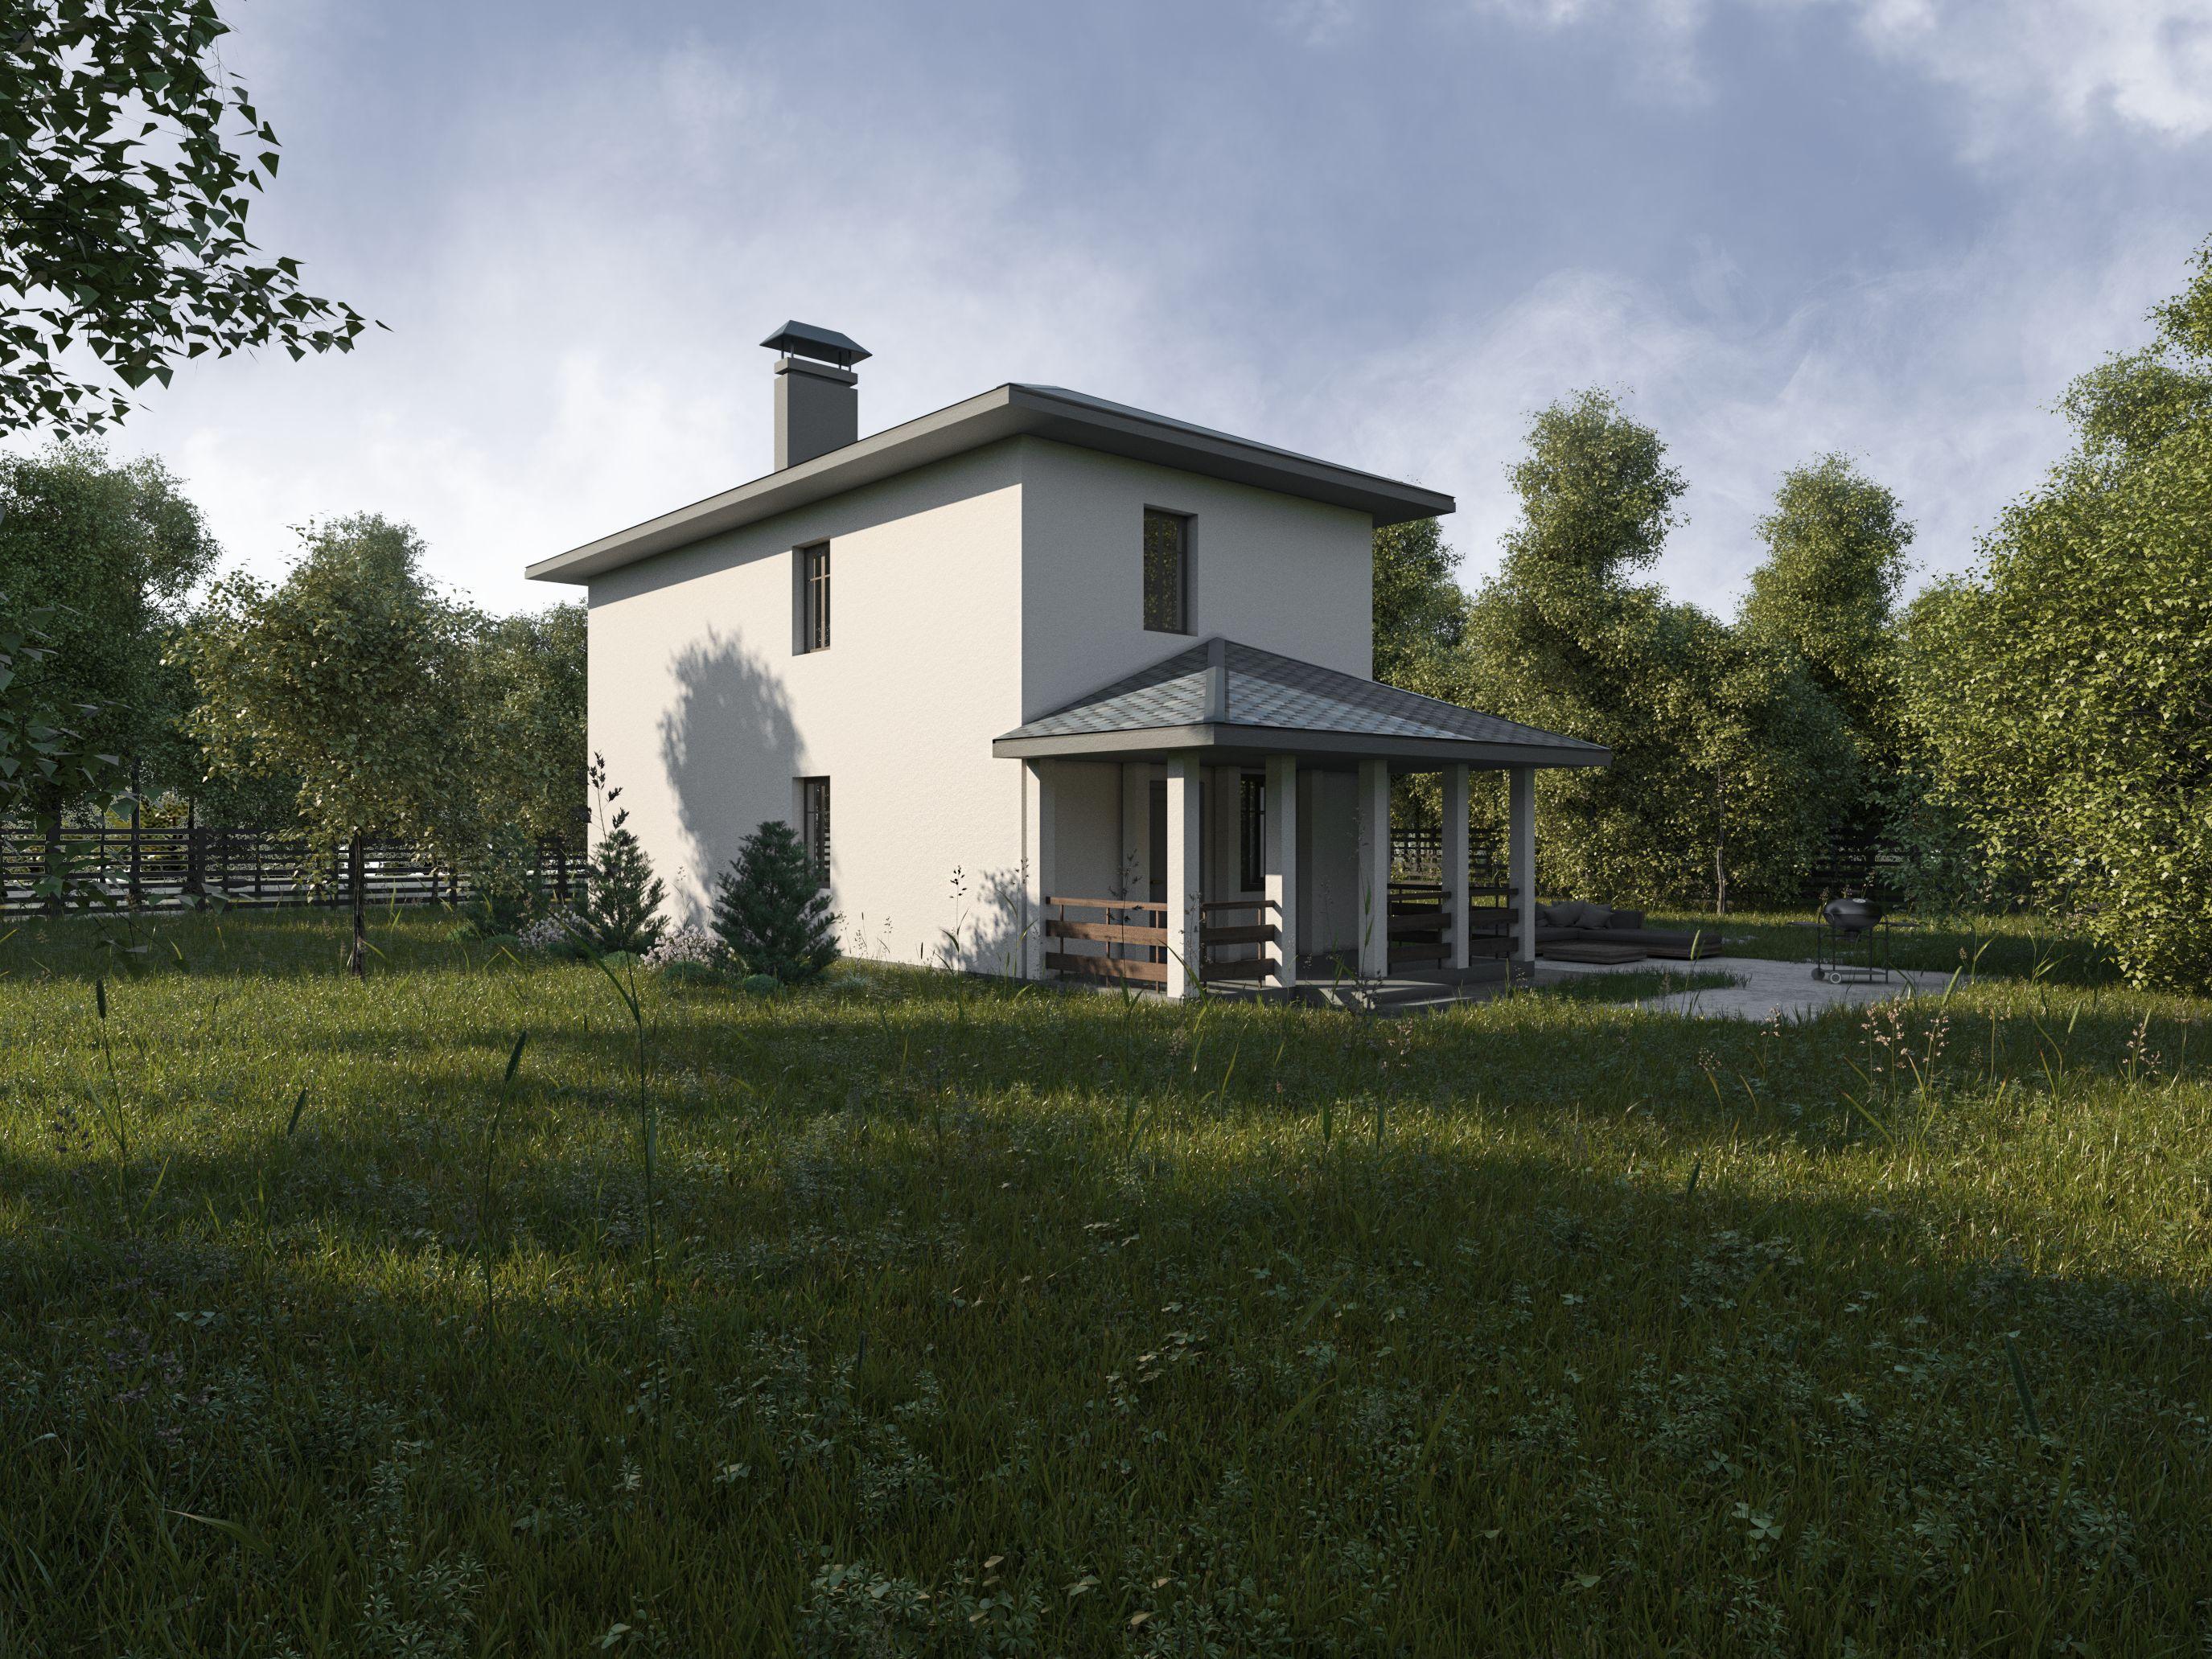 Проект дома для узкого участка - 104 кв.м /Рок-143 фасад